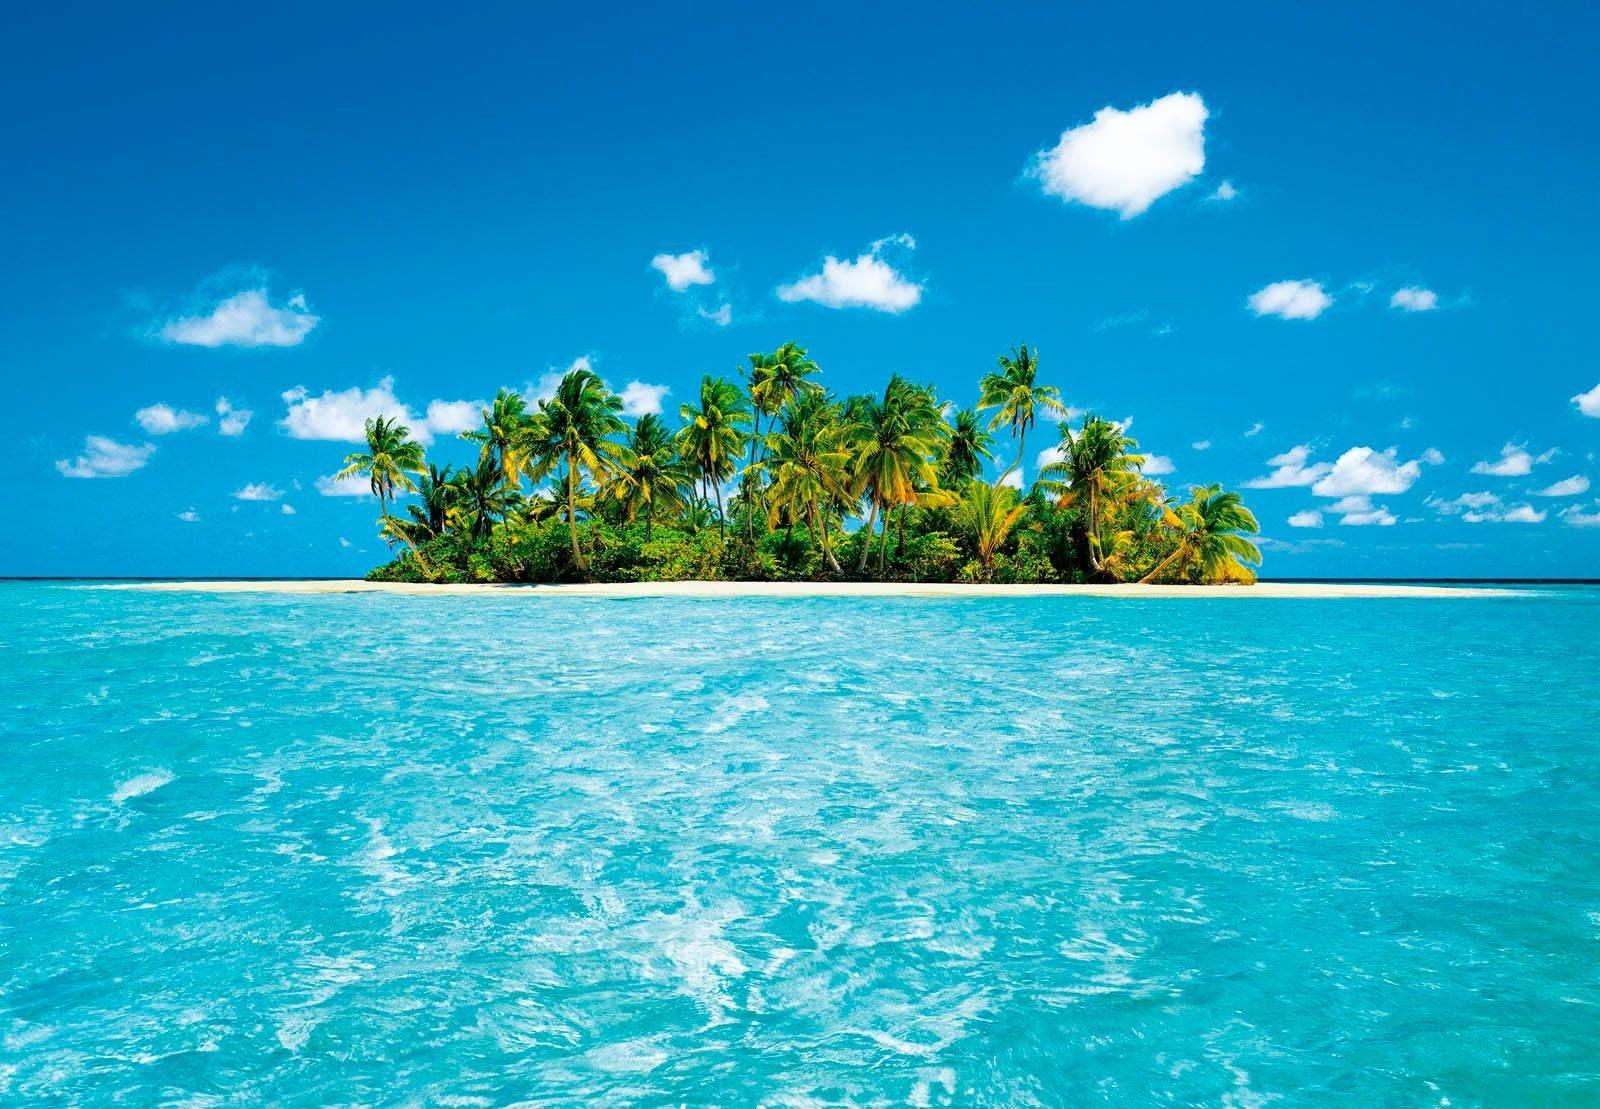 Fototapete »malediven Traum« 366254 Cm Kaufen  Otto